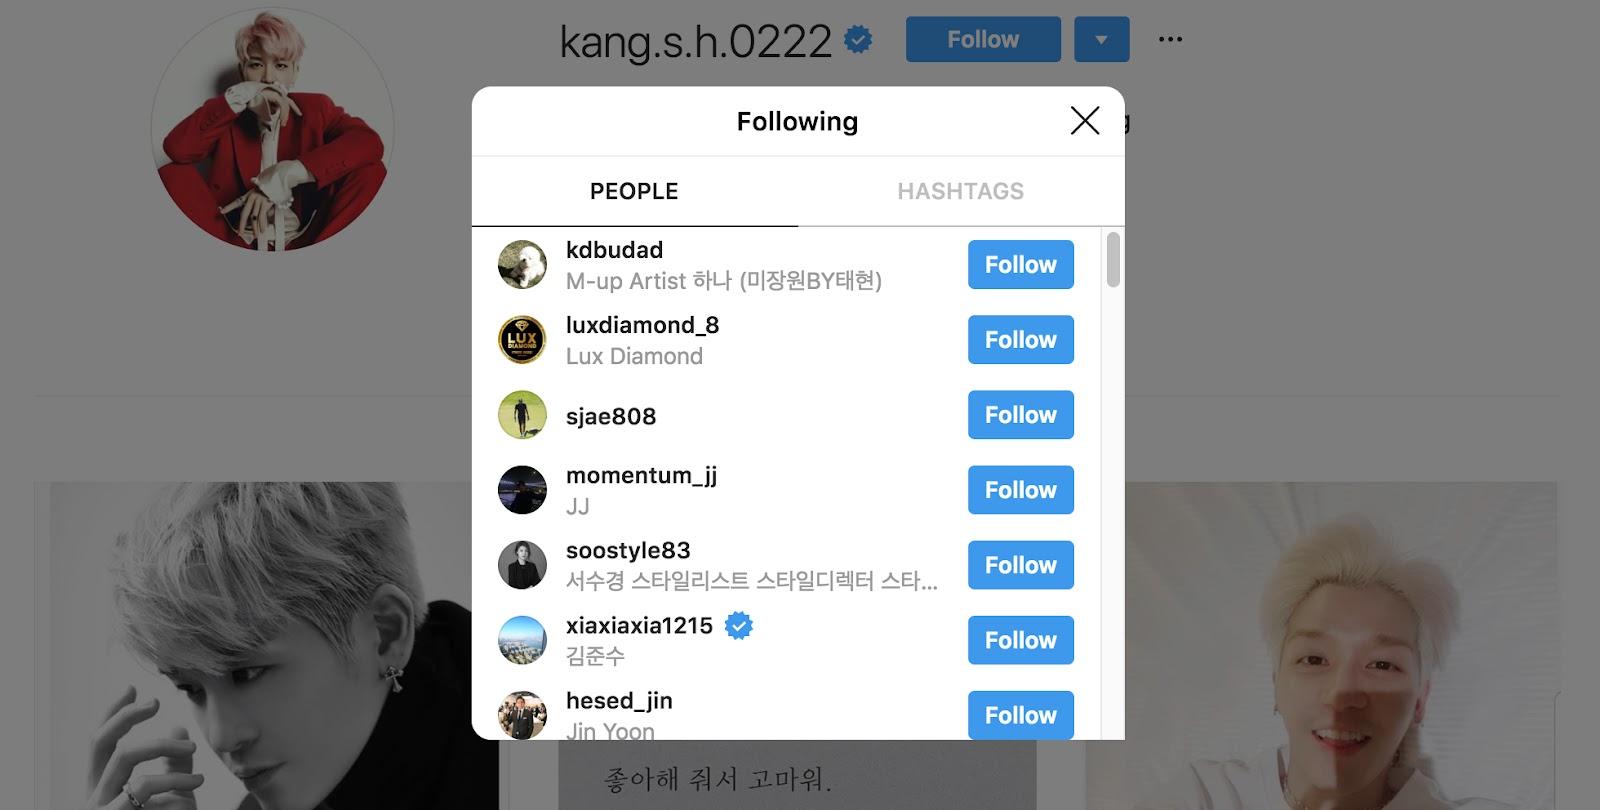 kang sunghoon unfollow members